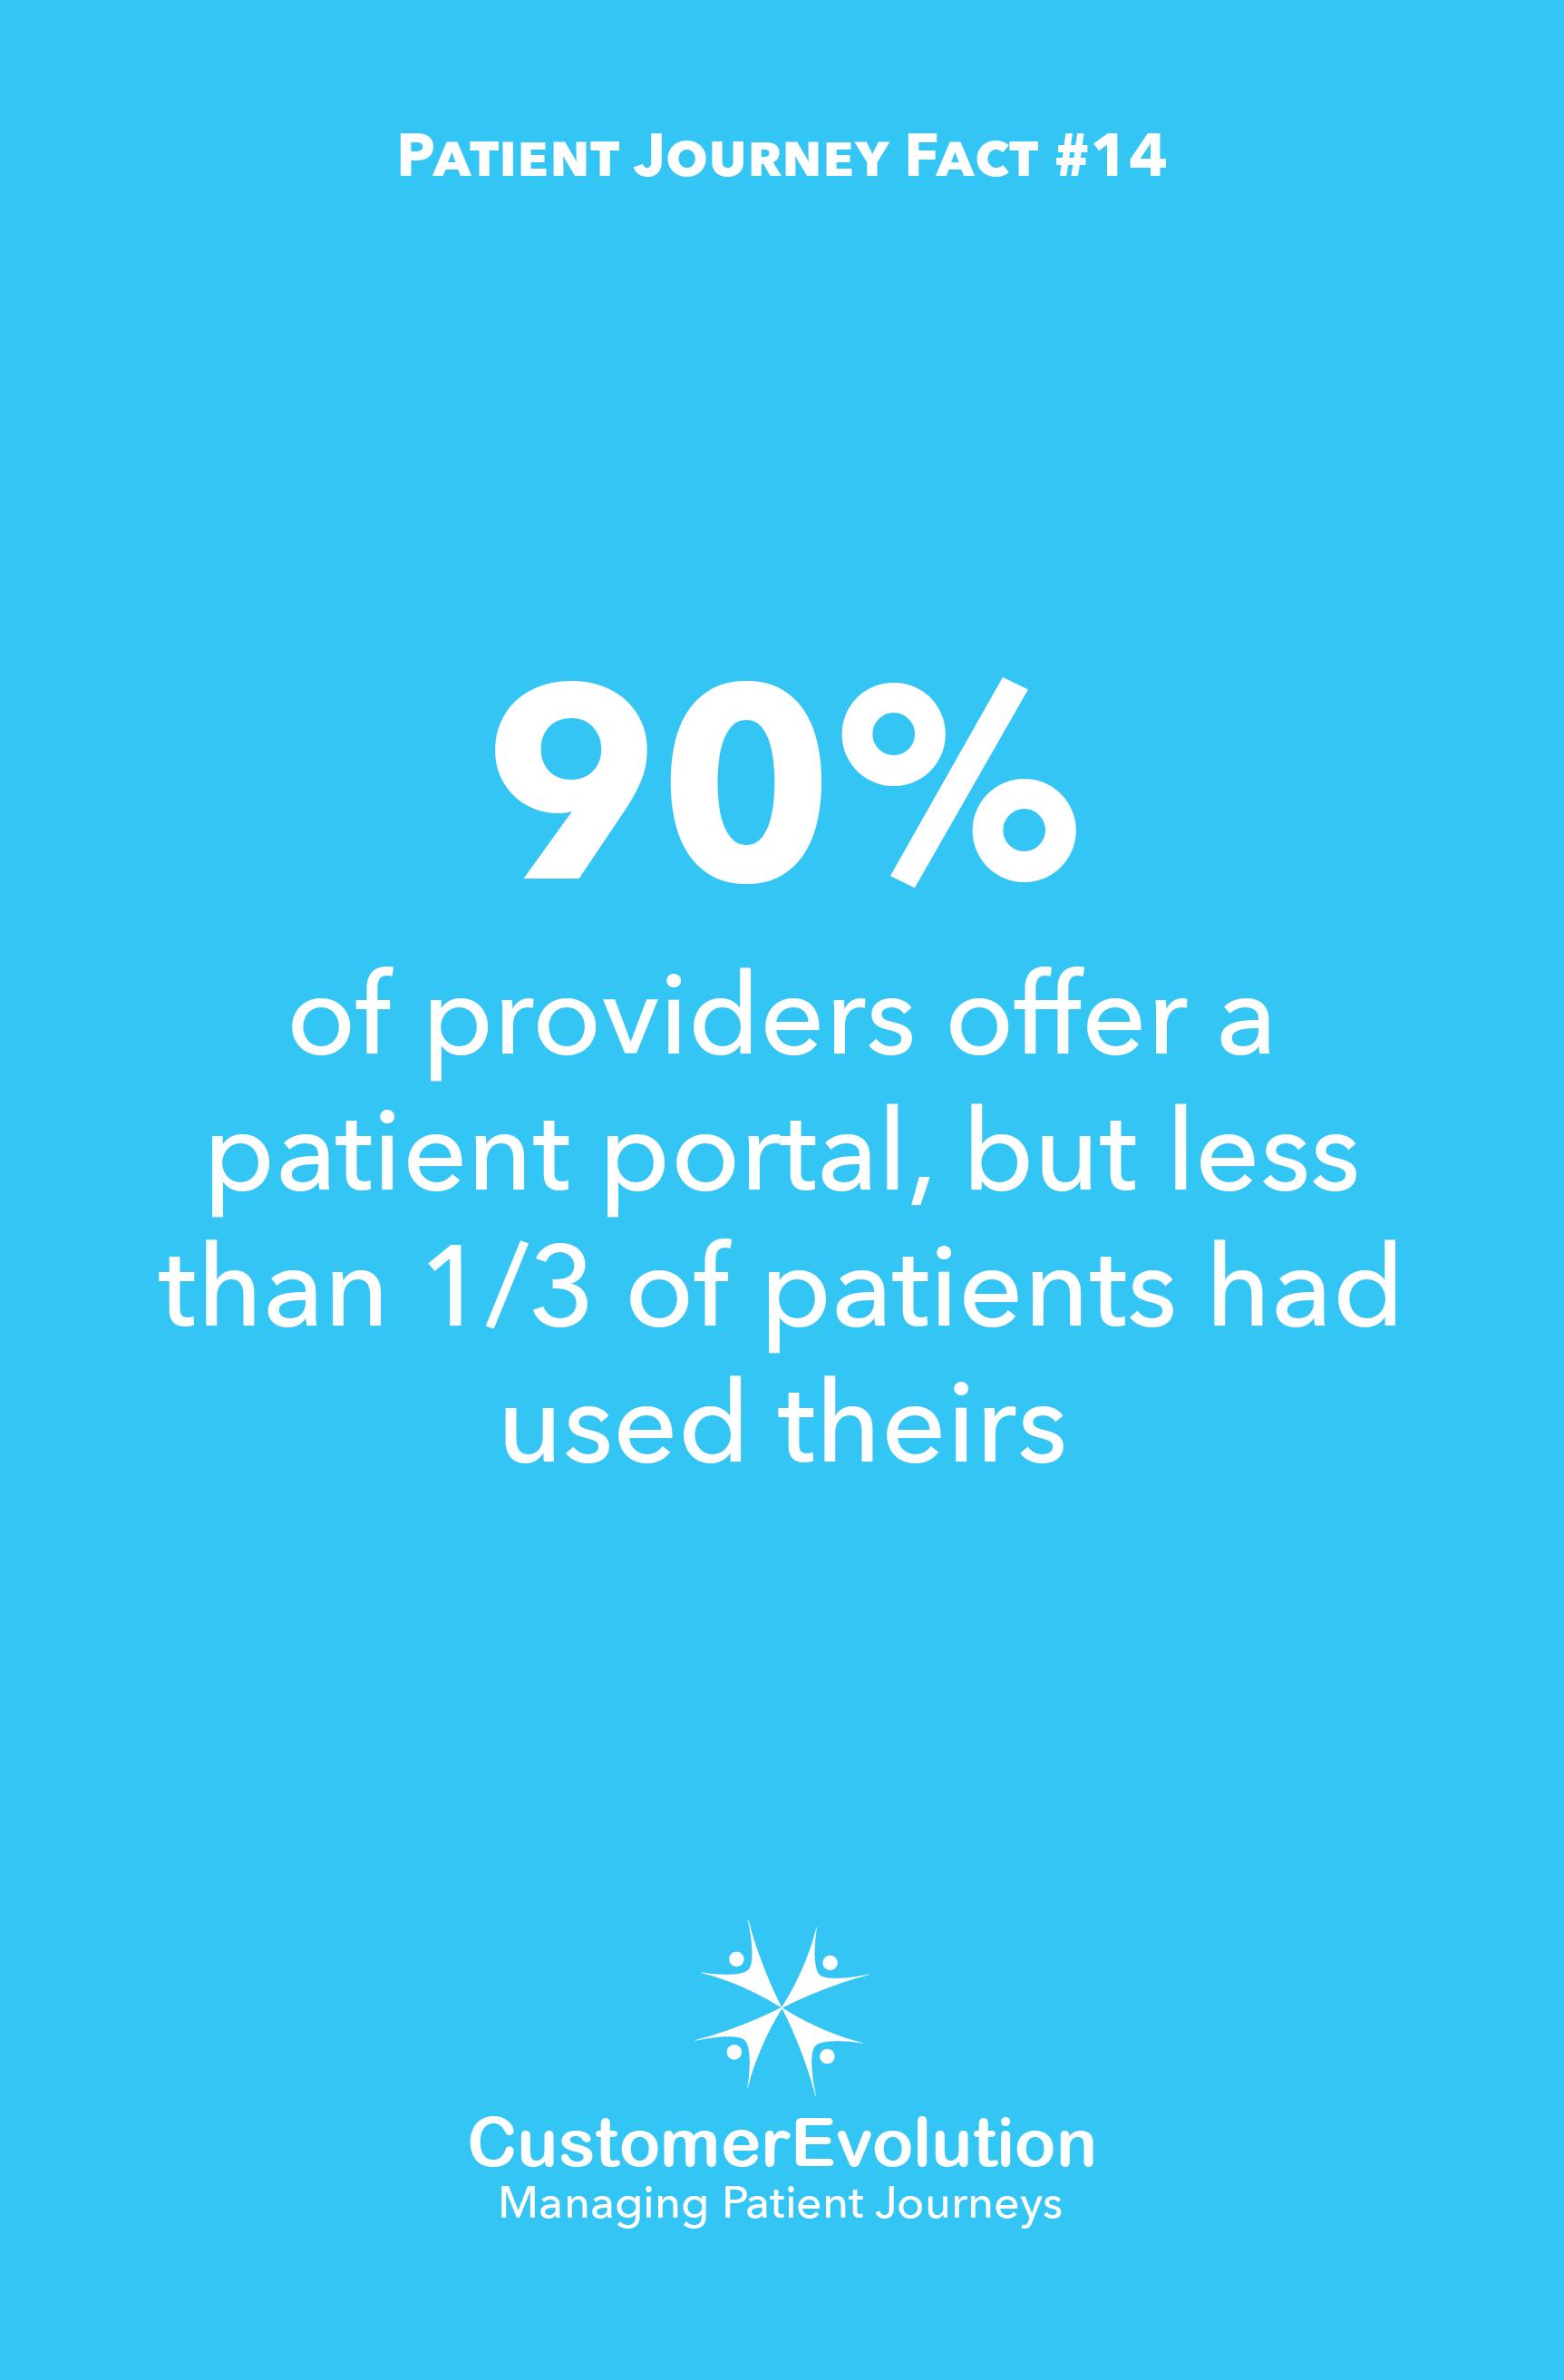 Patient Journey Fact #14